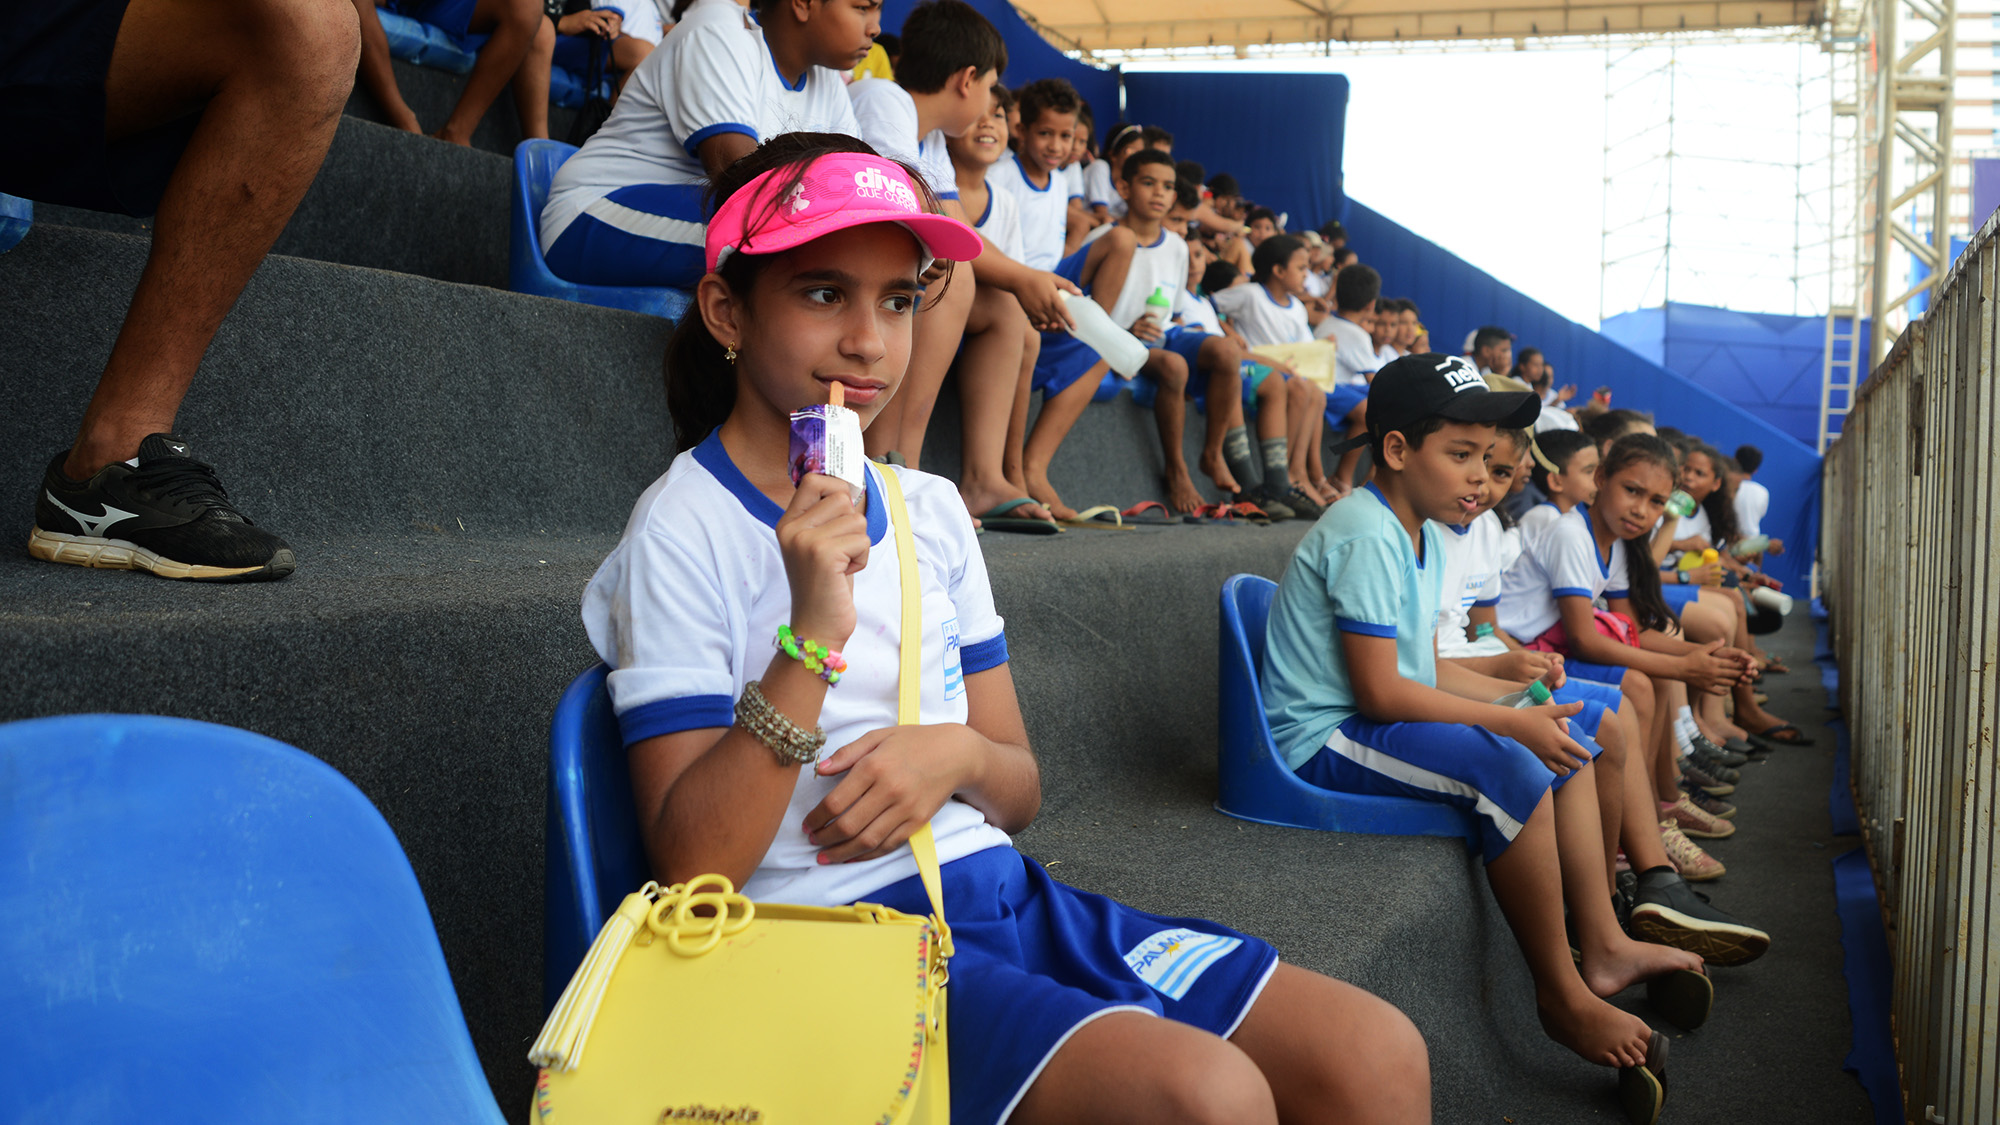 imageMaria Paula Nobre Sá, da ETI Padre Josimo, estava ansiosa para assistir aos jogos